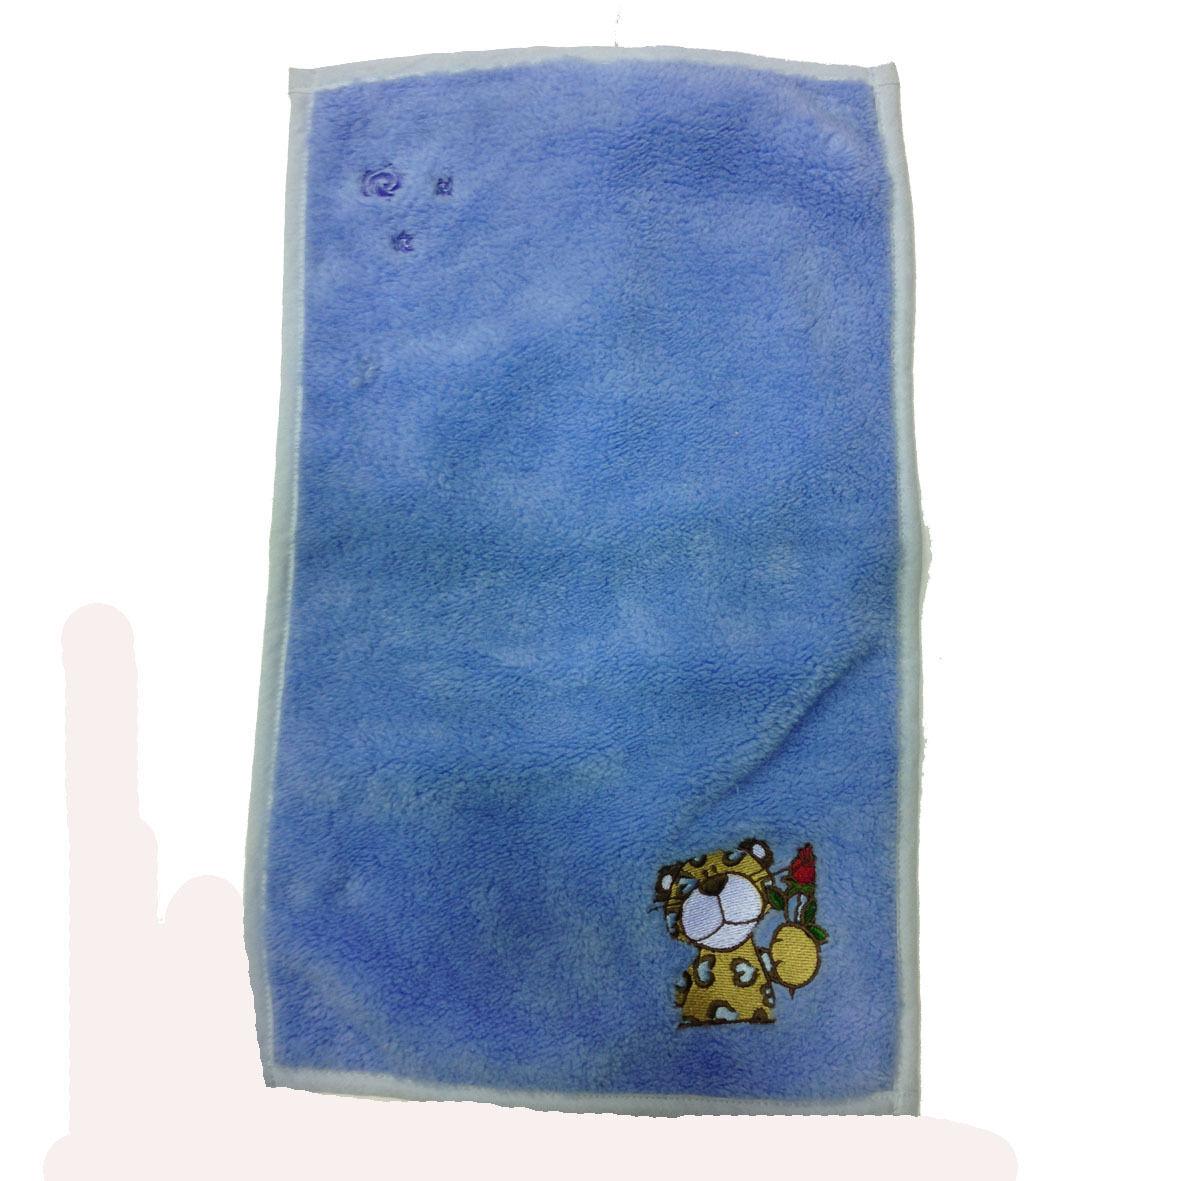 NICI ascigamanino piccolo azzurro ricamato in morbido peluches 30x50cm